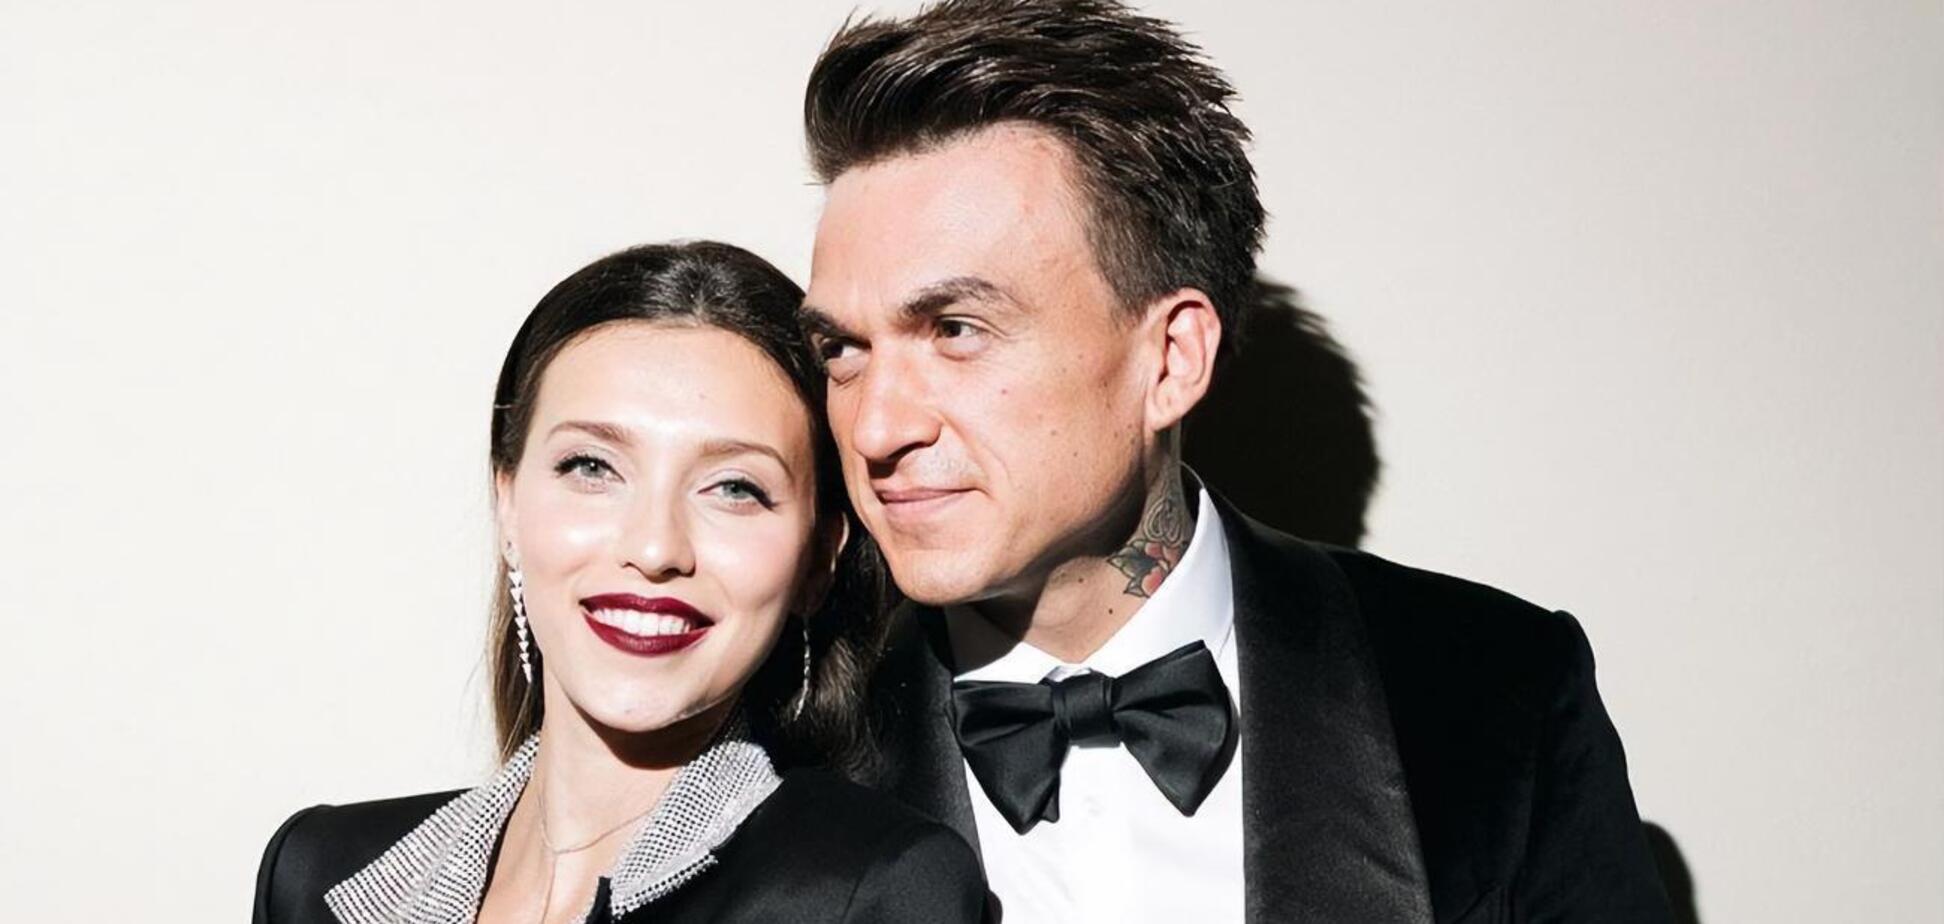 Топалов и Тодоренко выпустили совместный трек о сложностях любви на расстоянии